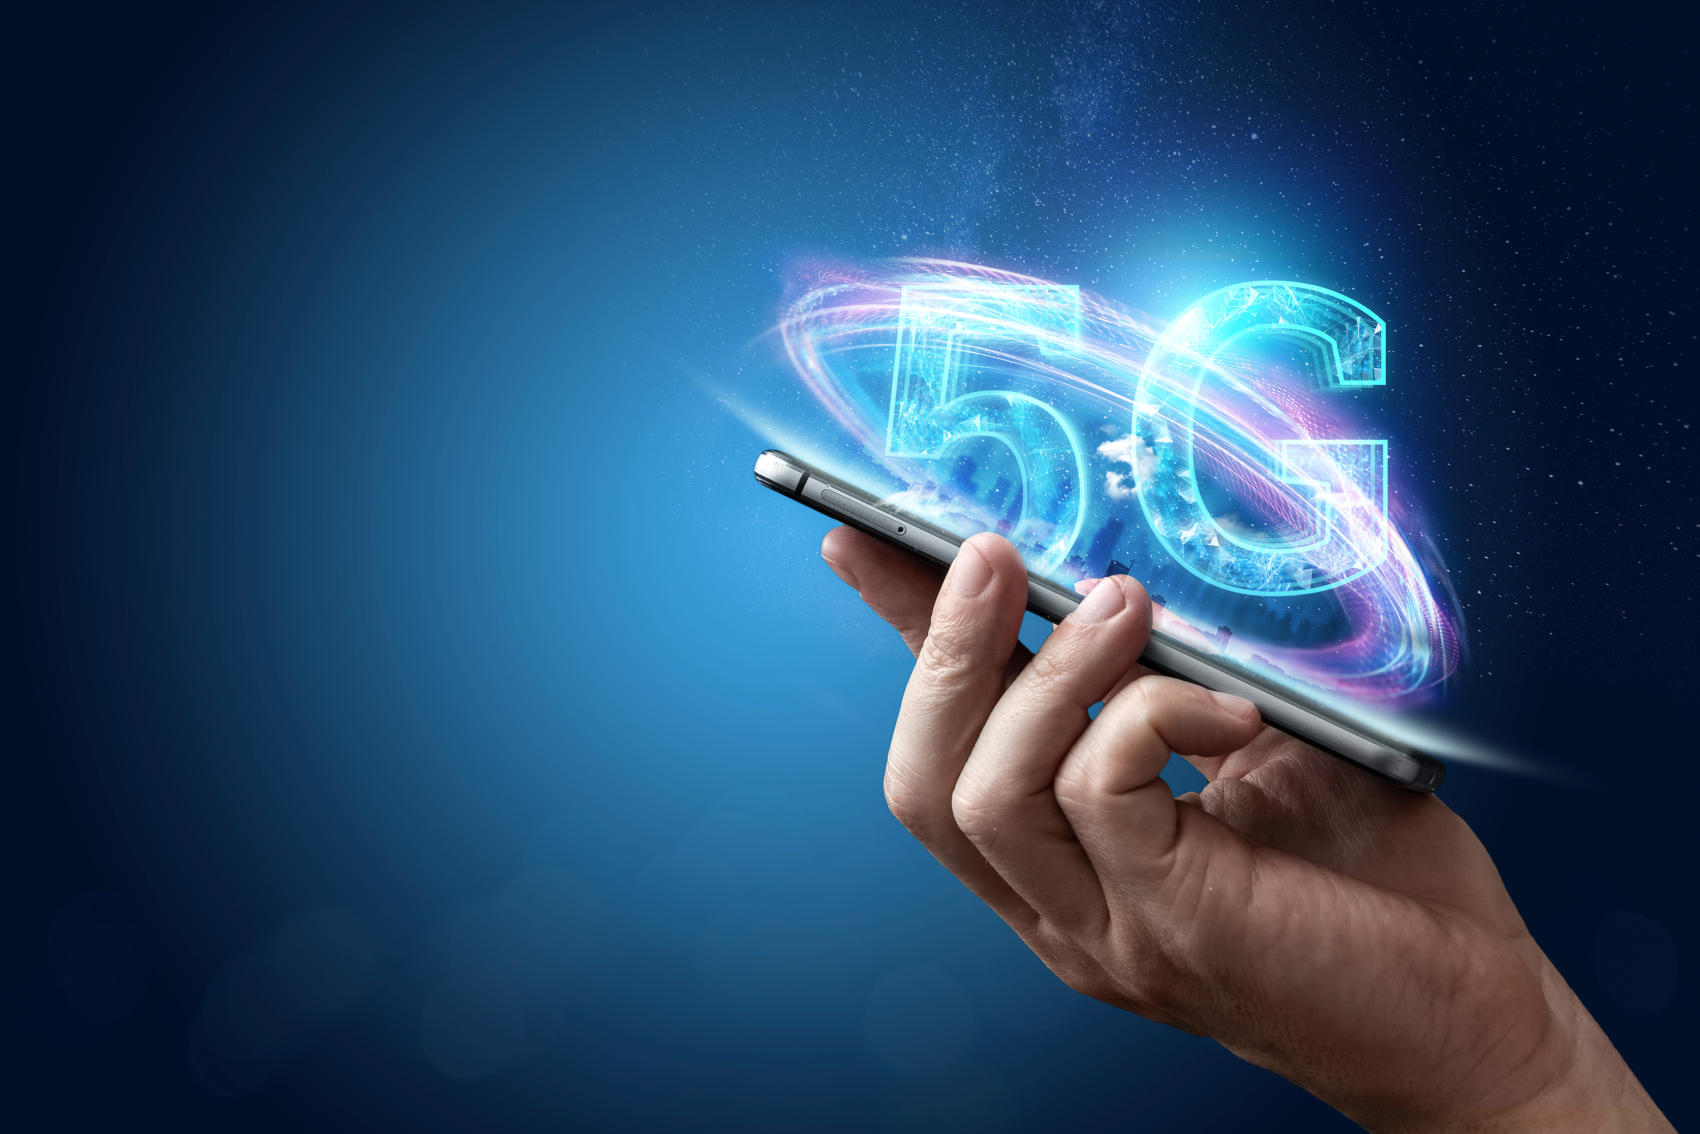 ère de la 5G